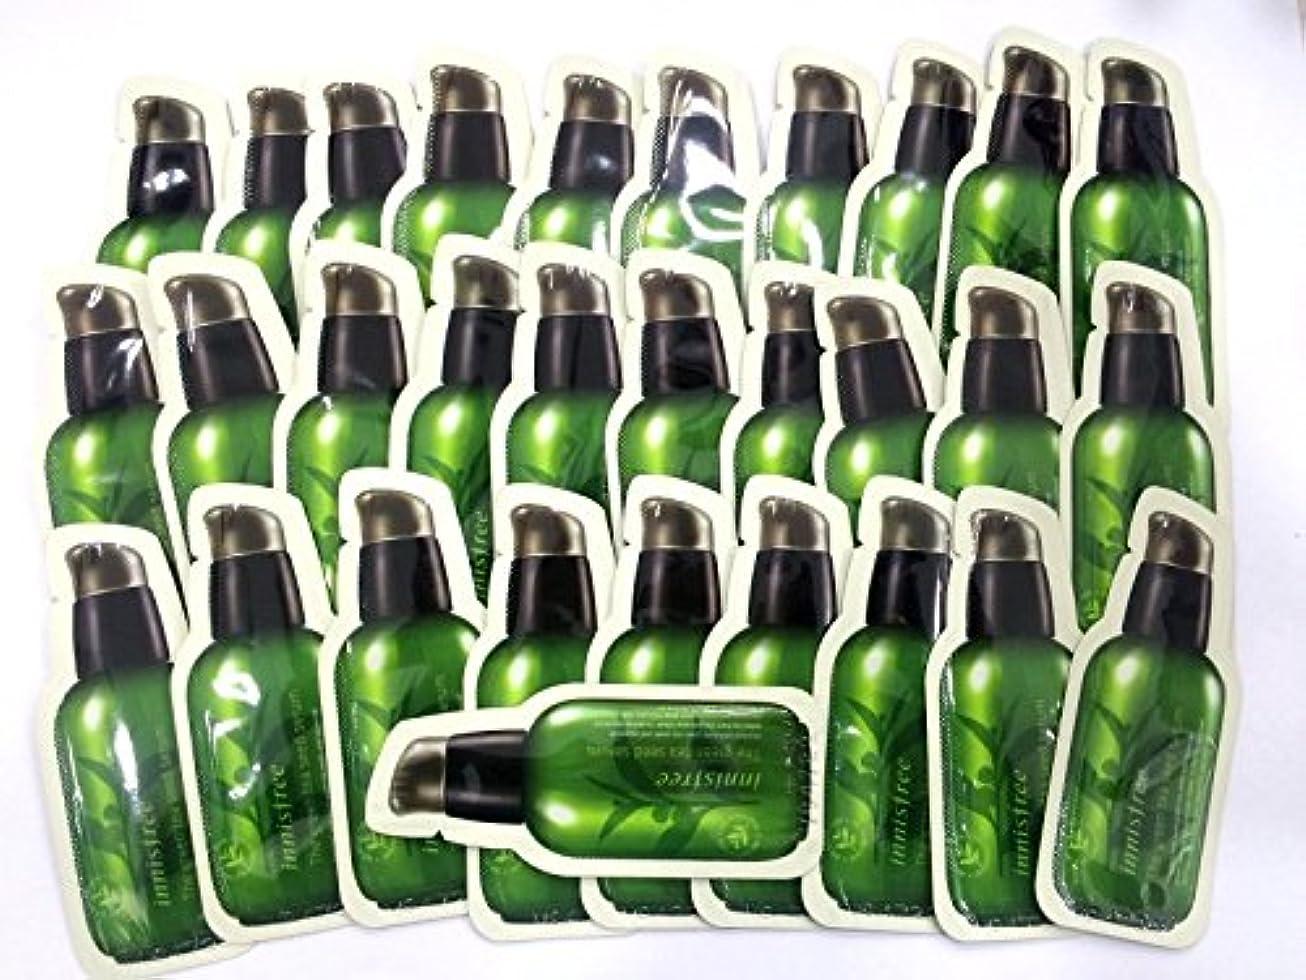 選択土器組み合わせイニスフリー[Innsfree]グリーンティーシードセラム[the Green Tea Seed serum] 1ml x30pcs, [海外直送品][並行輸入品]